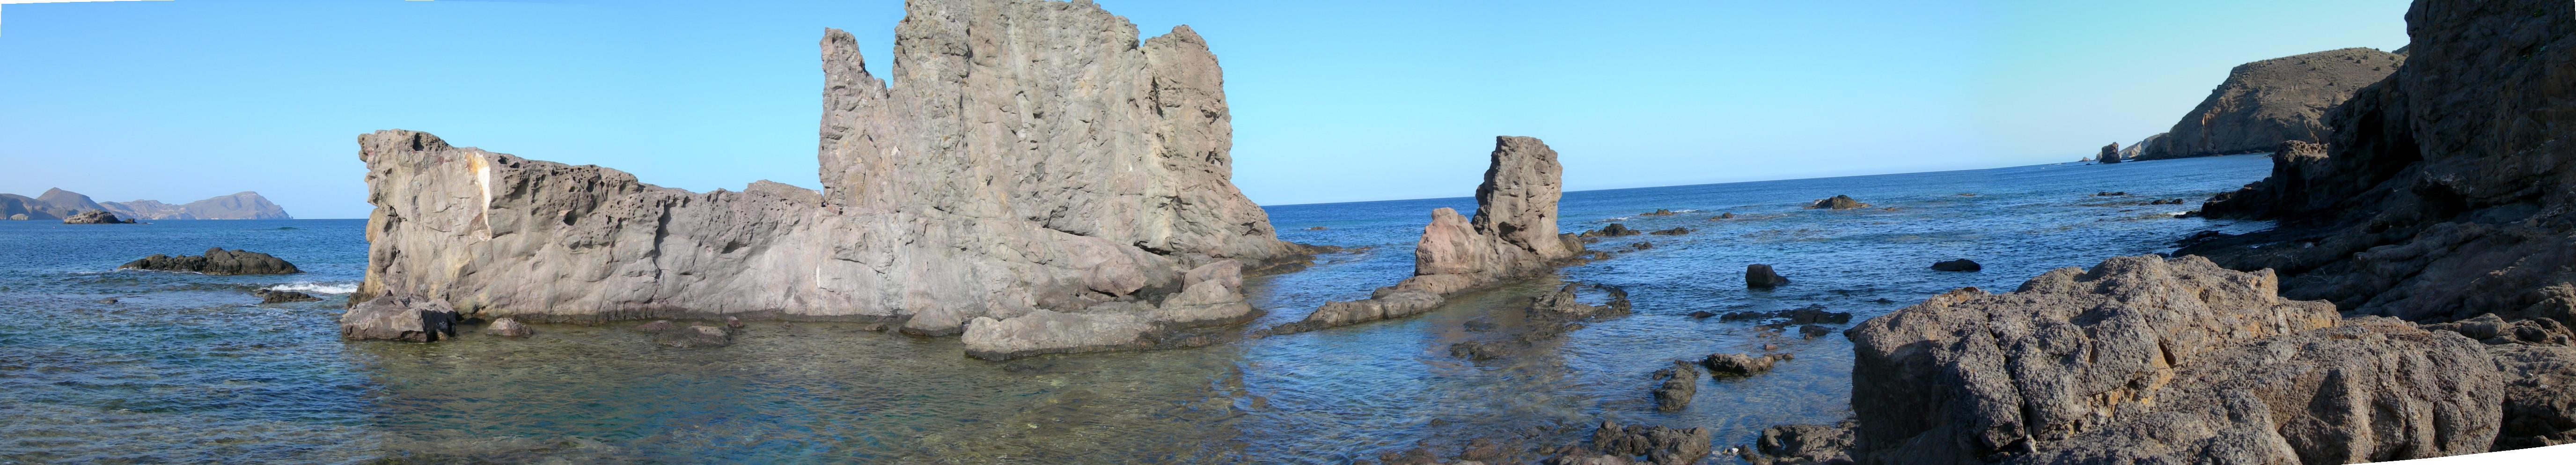 Foto playa El Arco / Los Escullos. Los Escullos